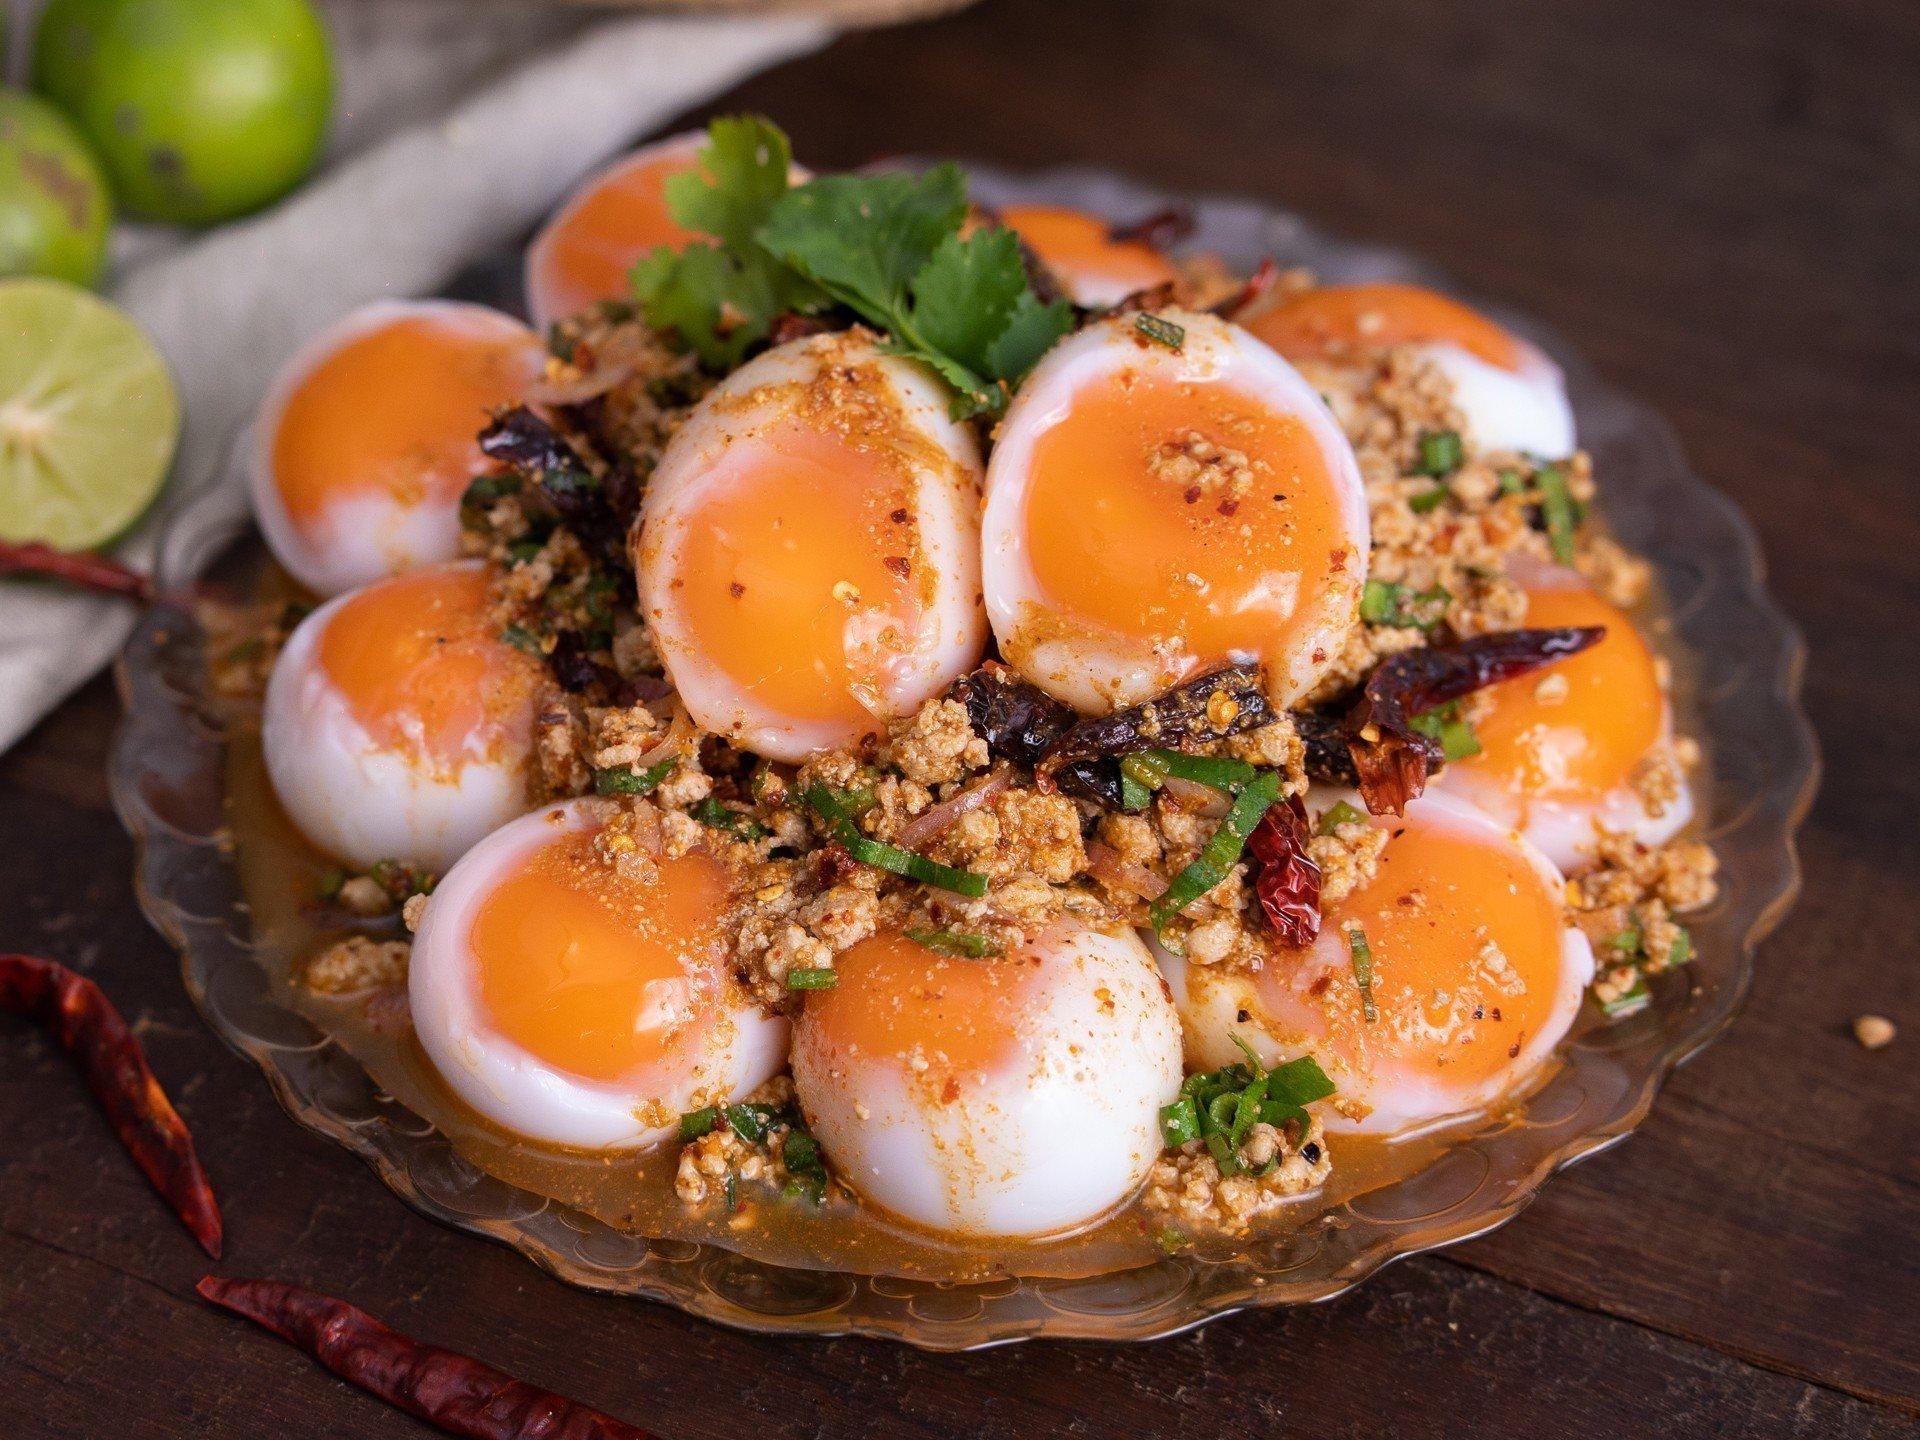 ลาบไข่ต้มยางมะตูม